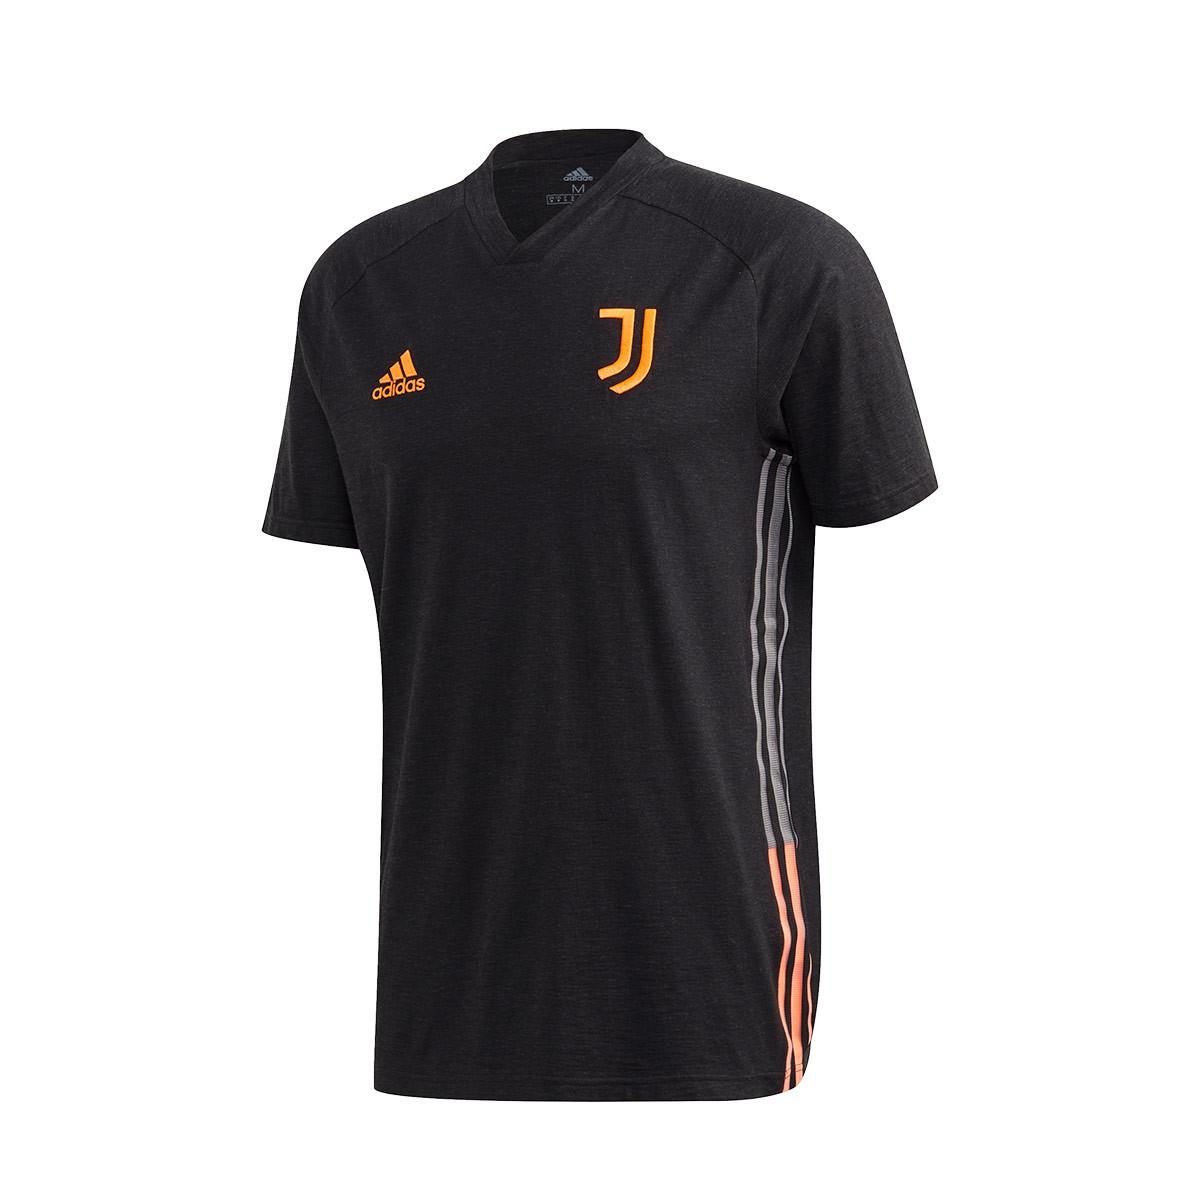 jersey adidas juventus travel 2020 2021 black app signal orange football store futbol emotion adidas juventus travel 2020 2021 jersey